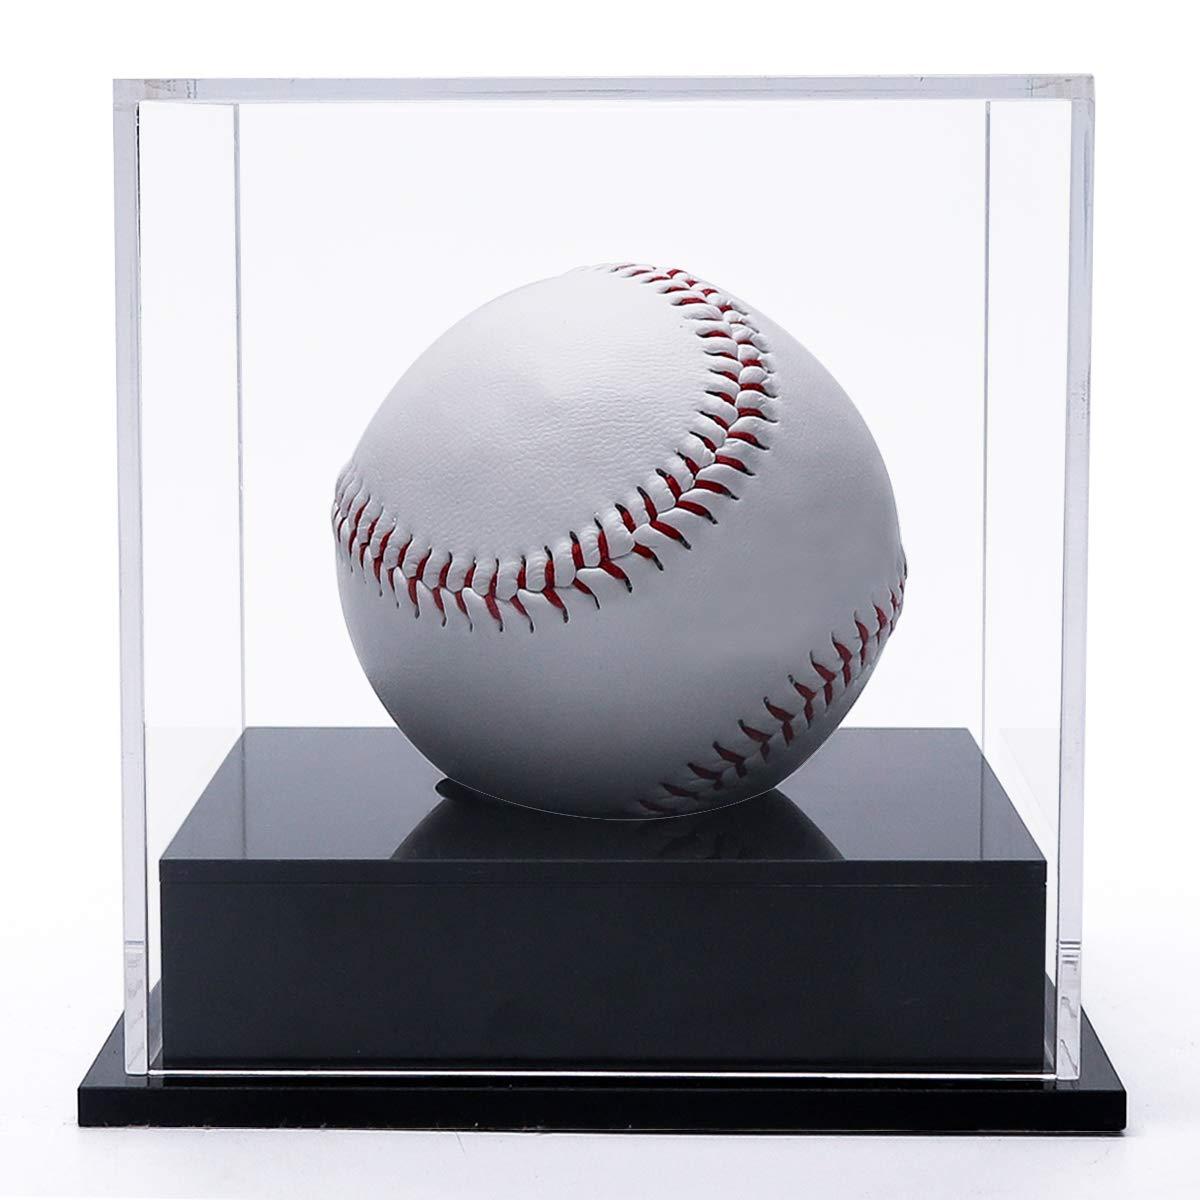 SupperAcrylic Acrylic Baseball HolderDisplayCase,Cube Baseball Holder,Clear Baseball Display Box